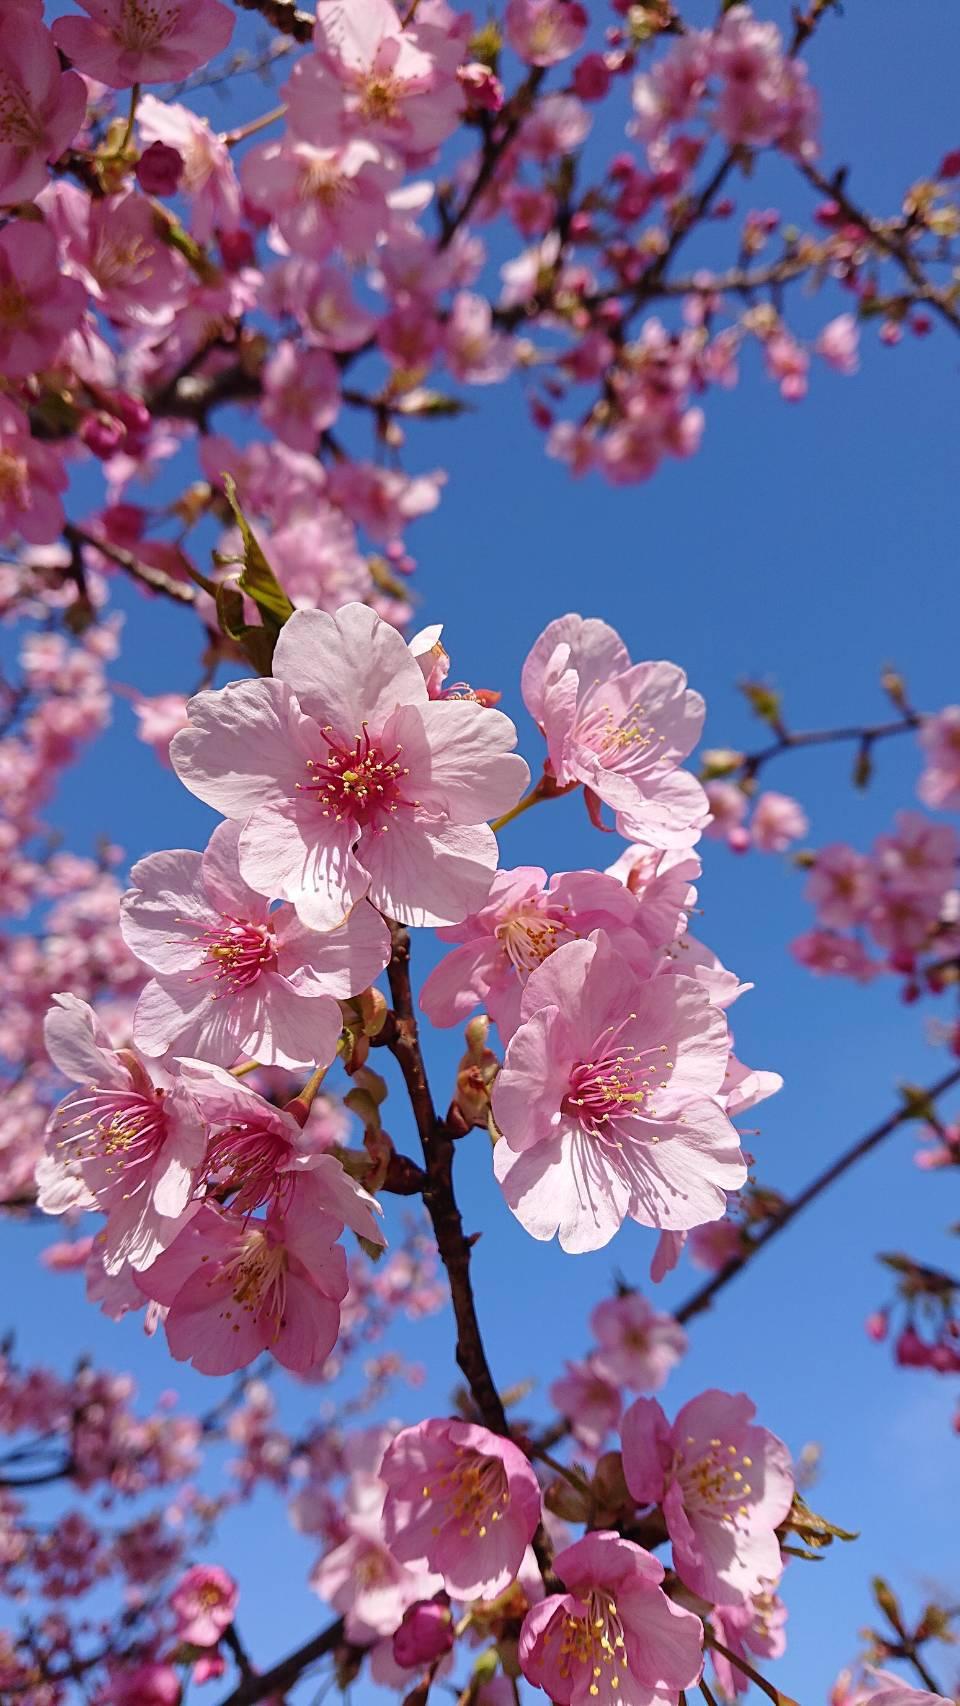 桜の季節がやってきましたね!